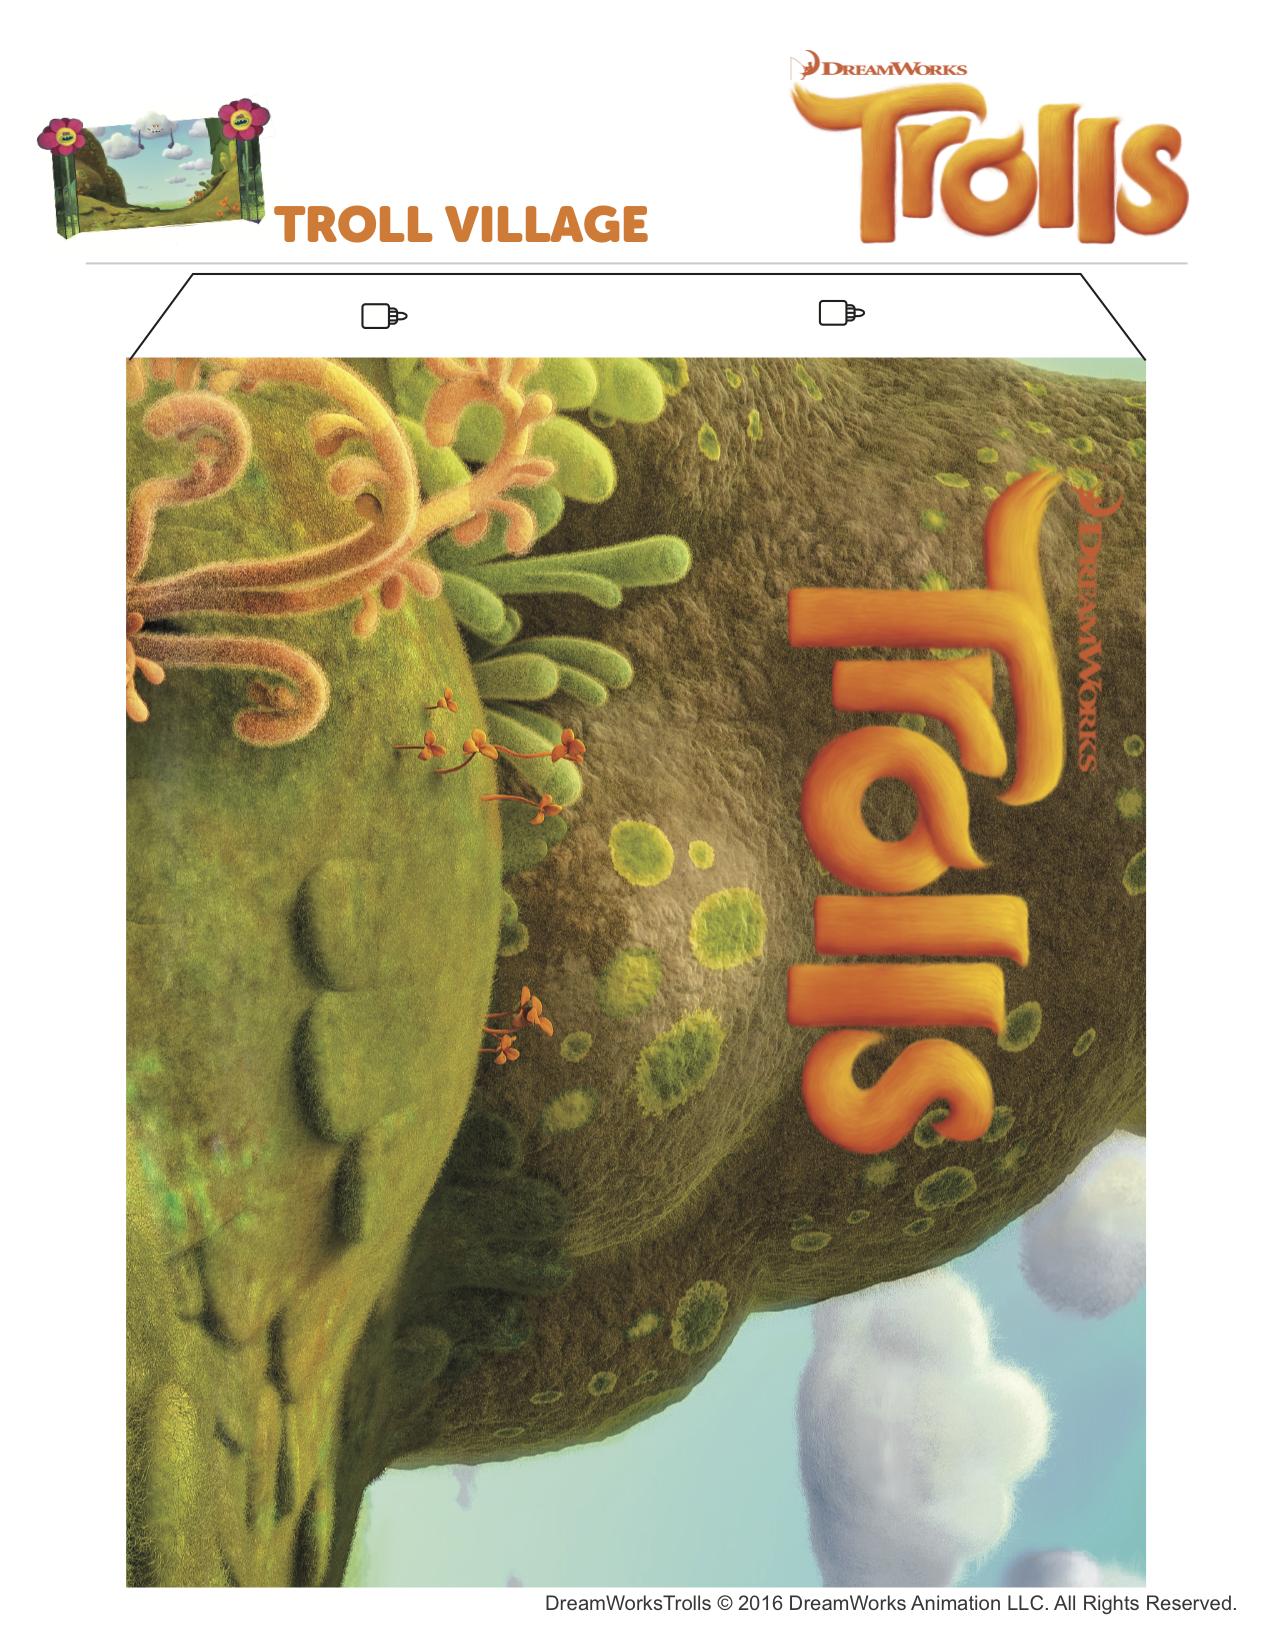 Trolls Village from Wonder Kids